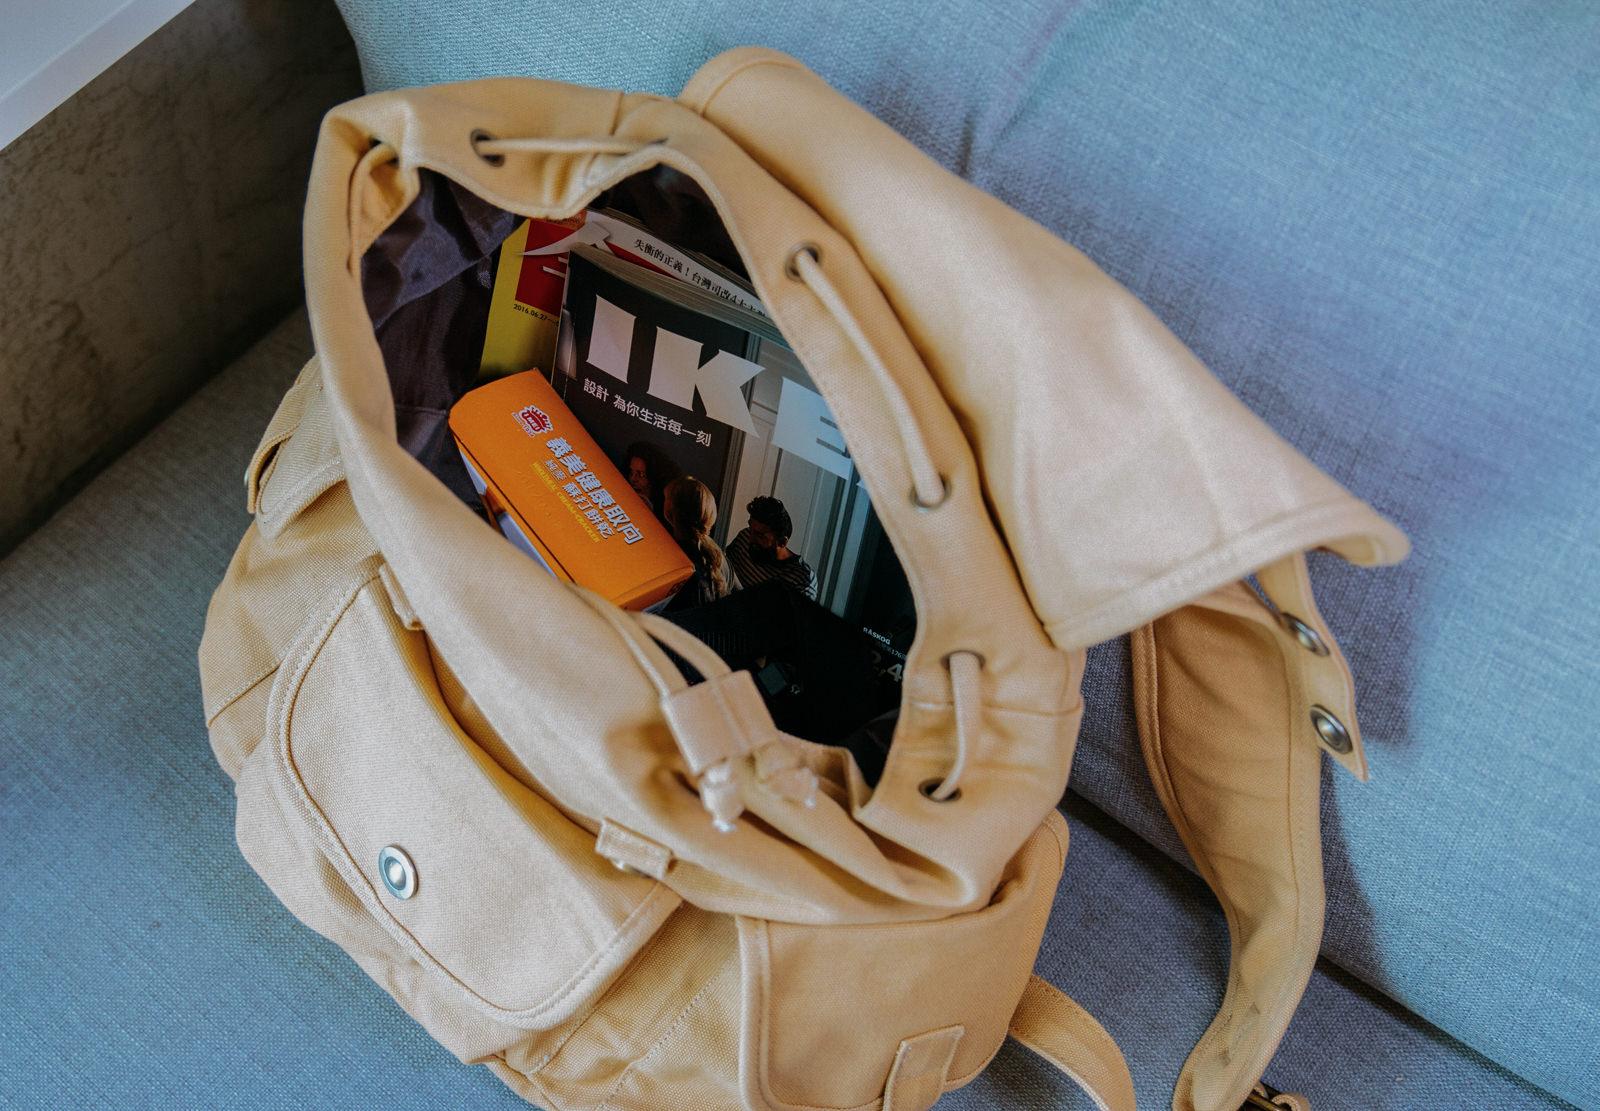 [流行]寶貝窩COMMIE-超熱賣網路包! 家妮包x皮革醫生包 質感實用兼具 偶像劇16個夏天 小資最愛網路包包推薦 @美食好芃友